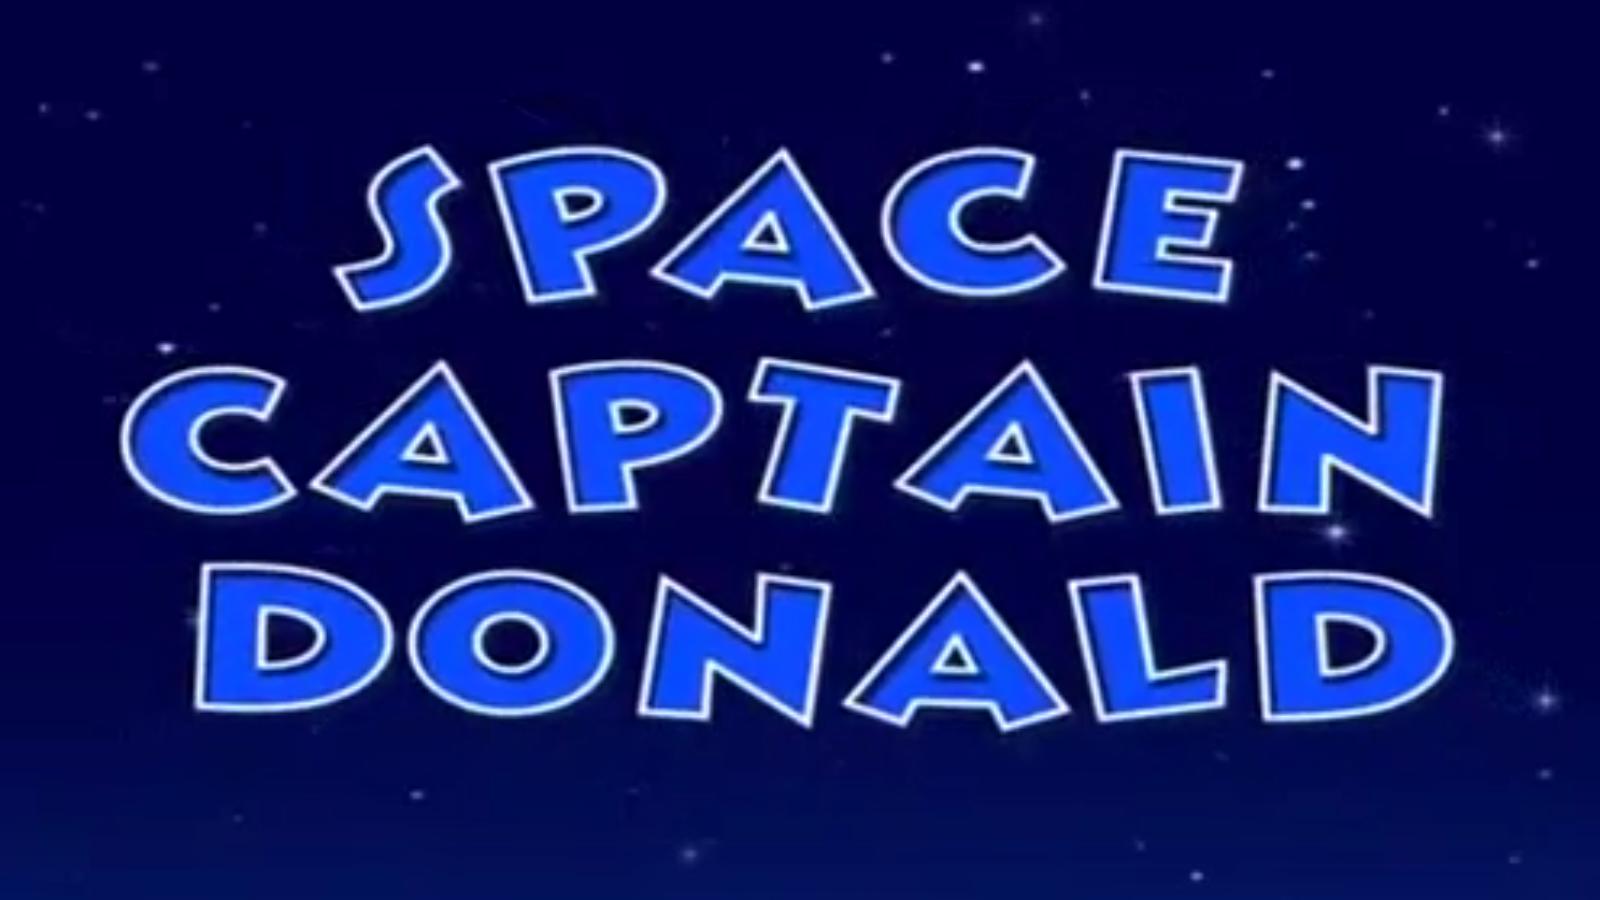 Space Captain Donald